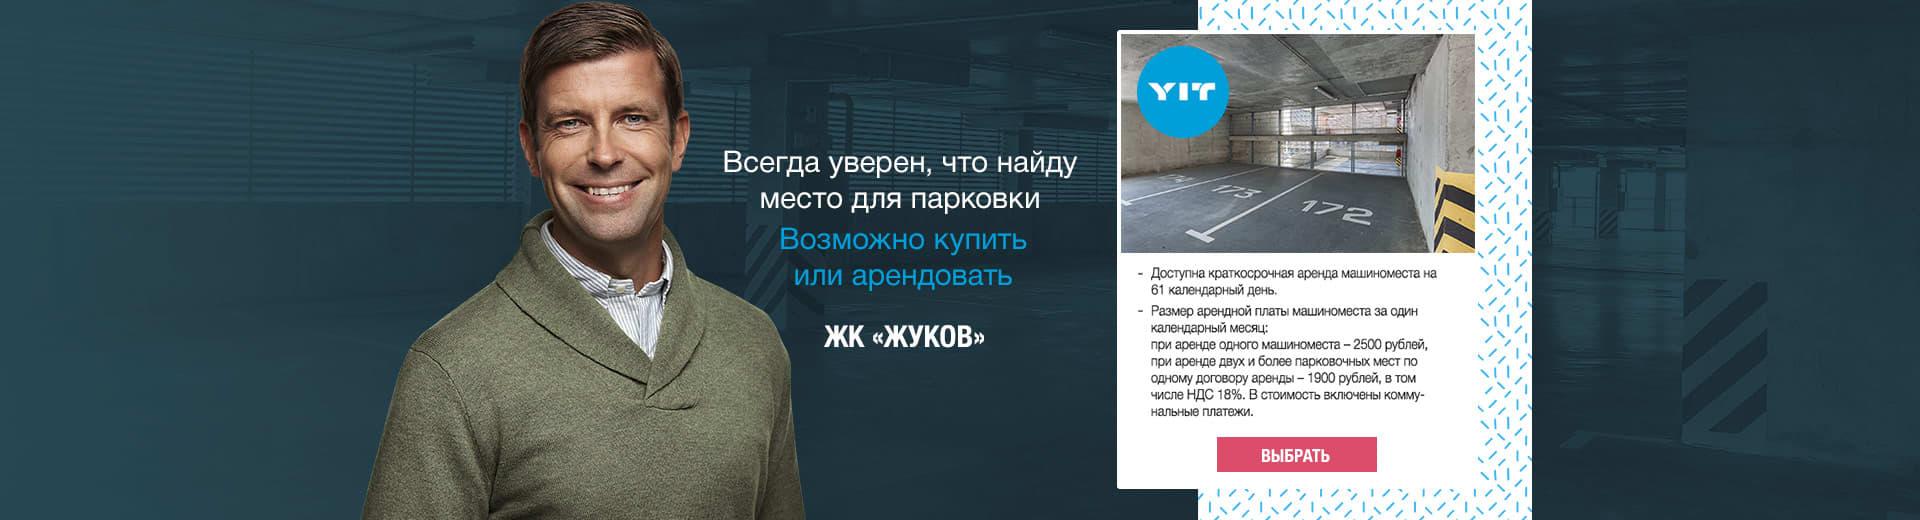 Аренда паркинга в ЖК Жуков